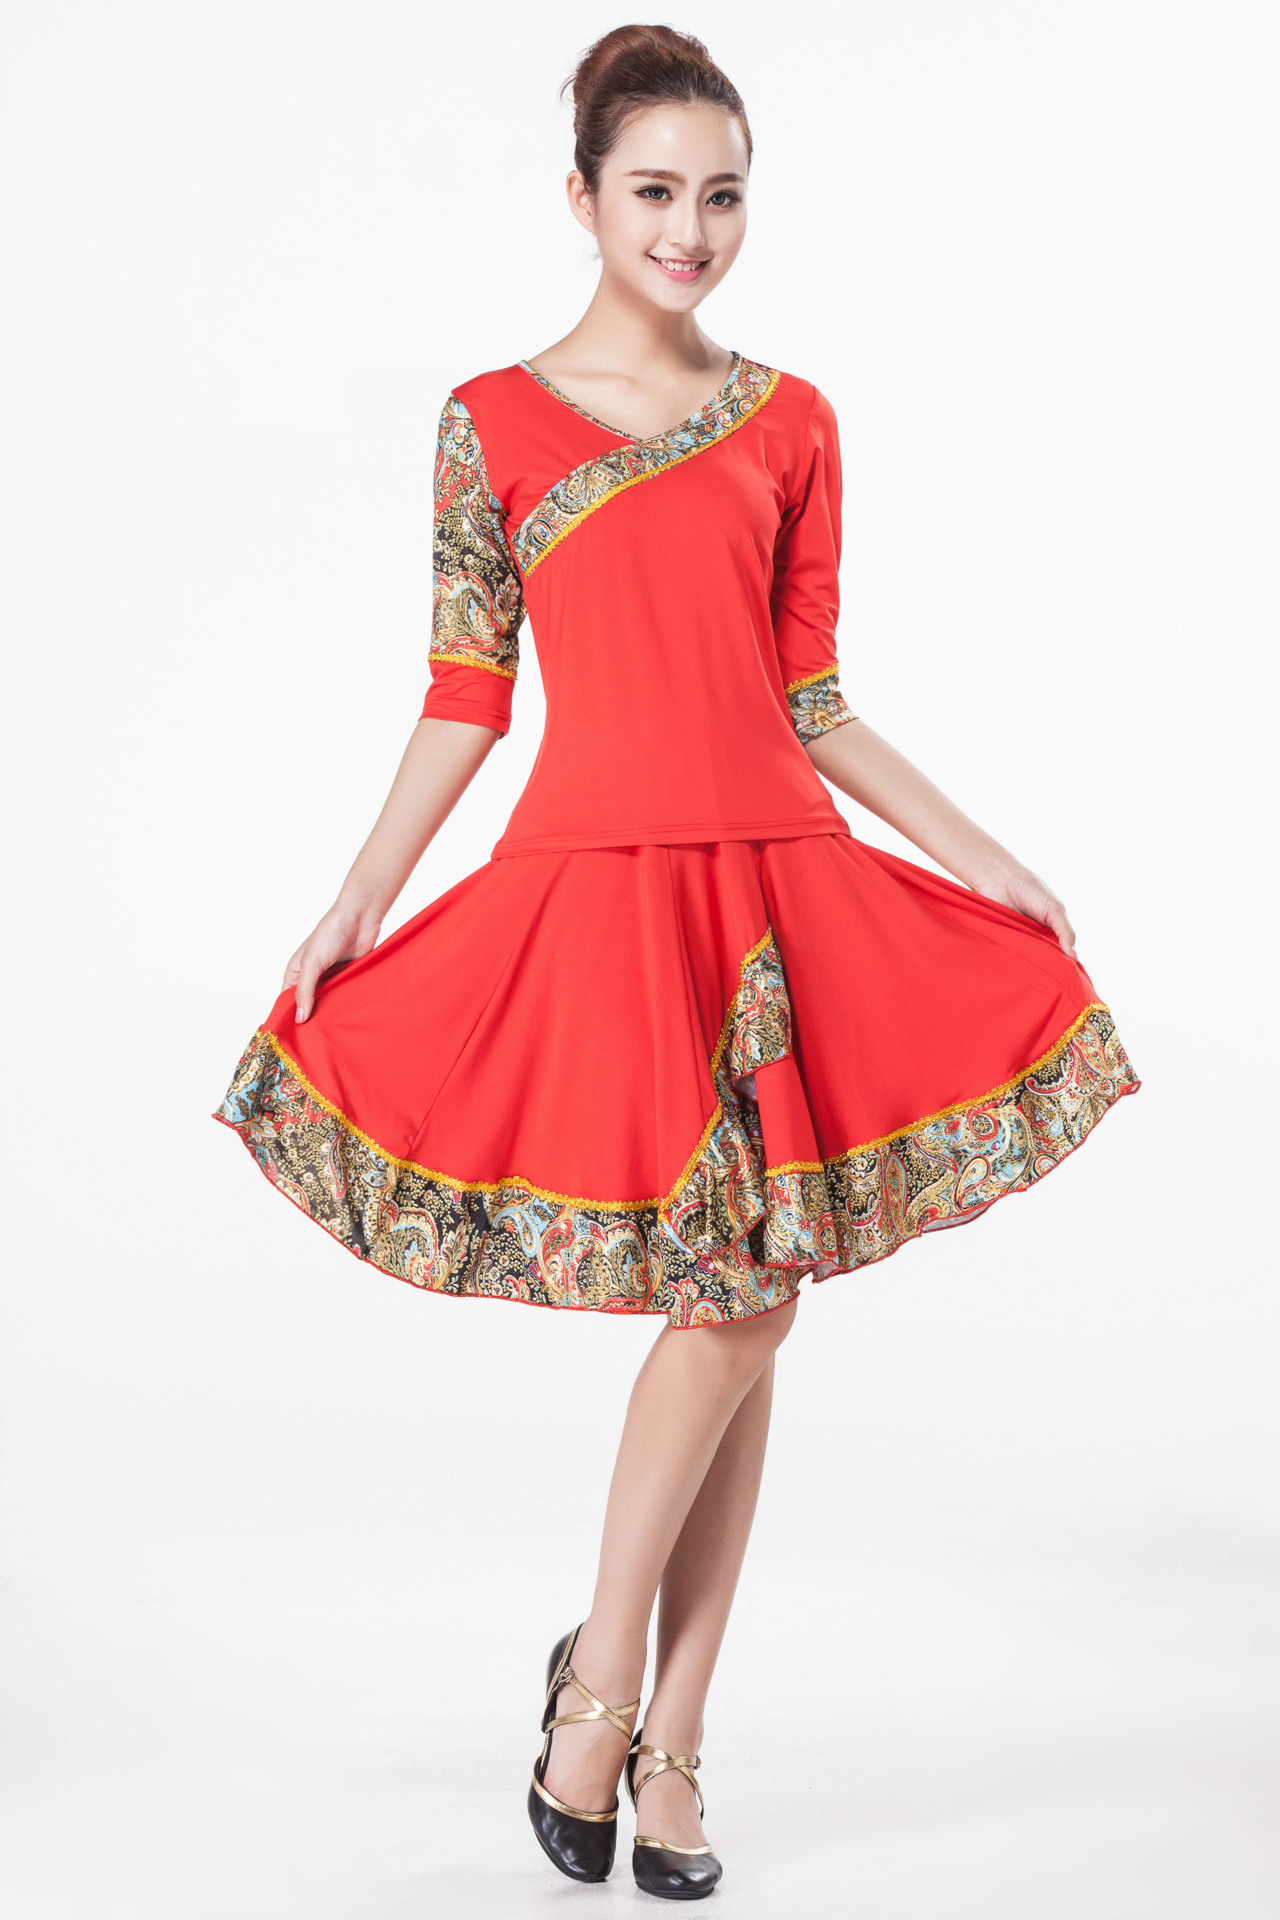 中老年春夏季广场舞套裙 新款民族舞蹈表演服装套装广场跳舞裙子